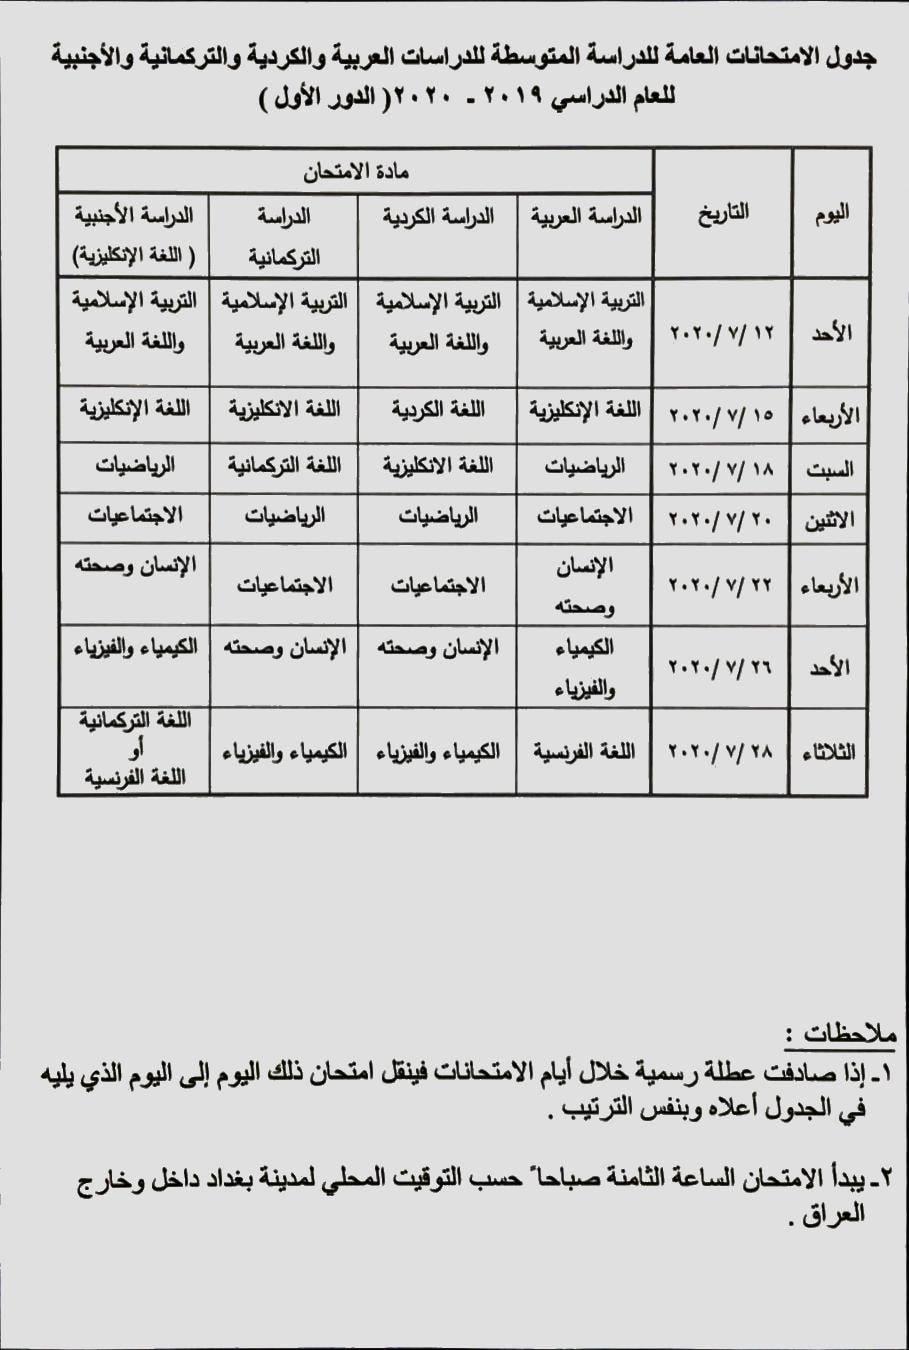 جدول امتحانات الصف الثالث المتوسط الدور الاول 2020 وزارة التربية العراقية 95781889_1475997572608918_2255526286225047552_o